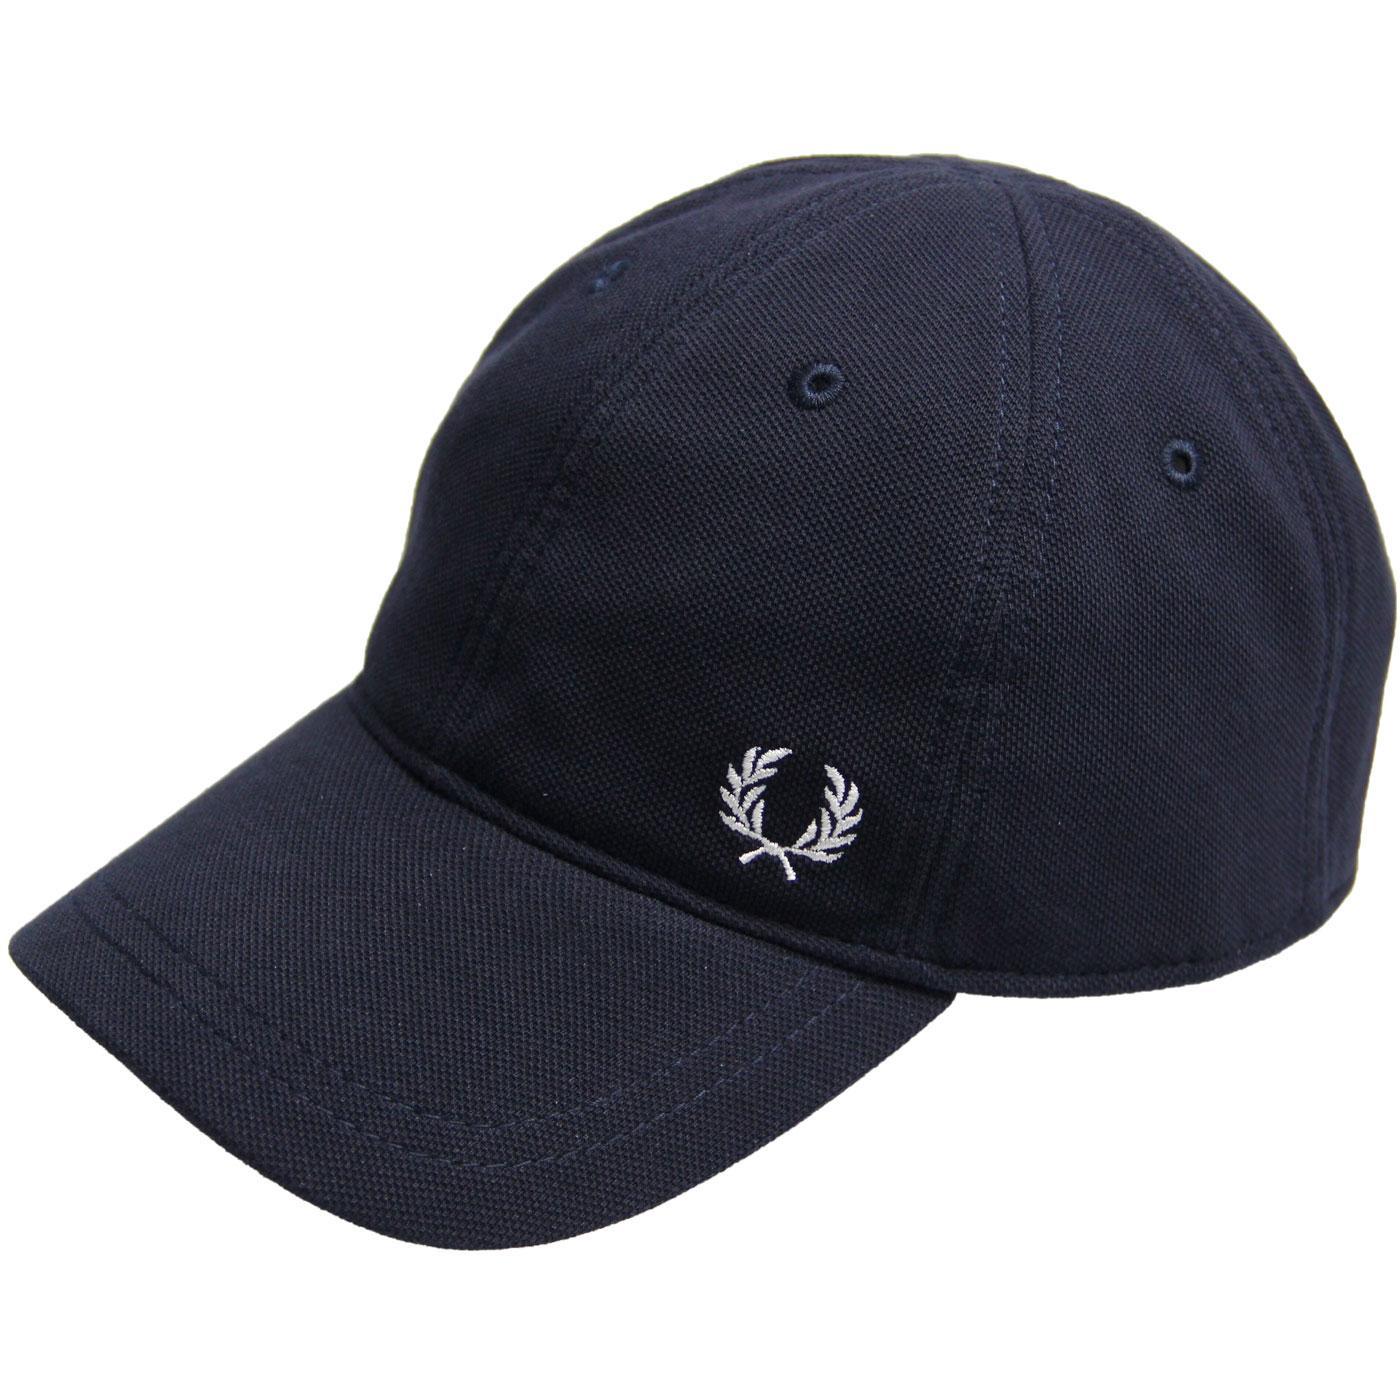 FRED PERRY Men's Retro Pique Baseball Cap (Navy)